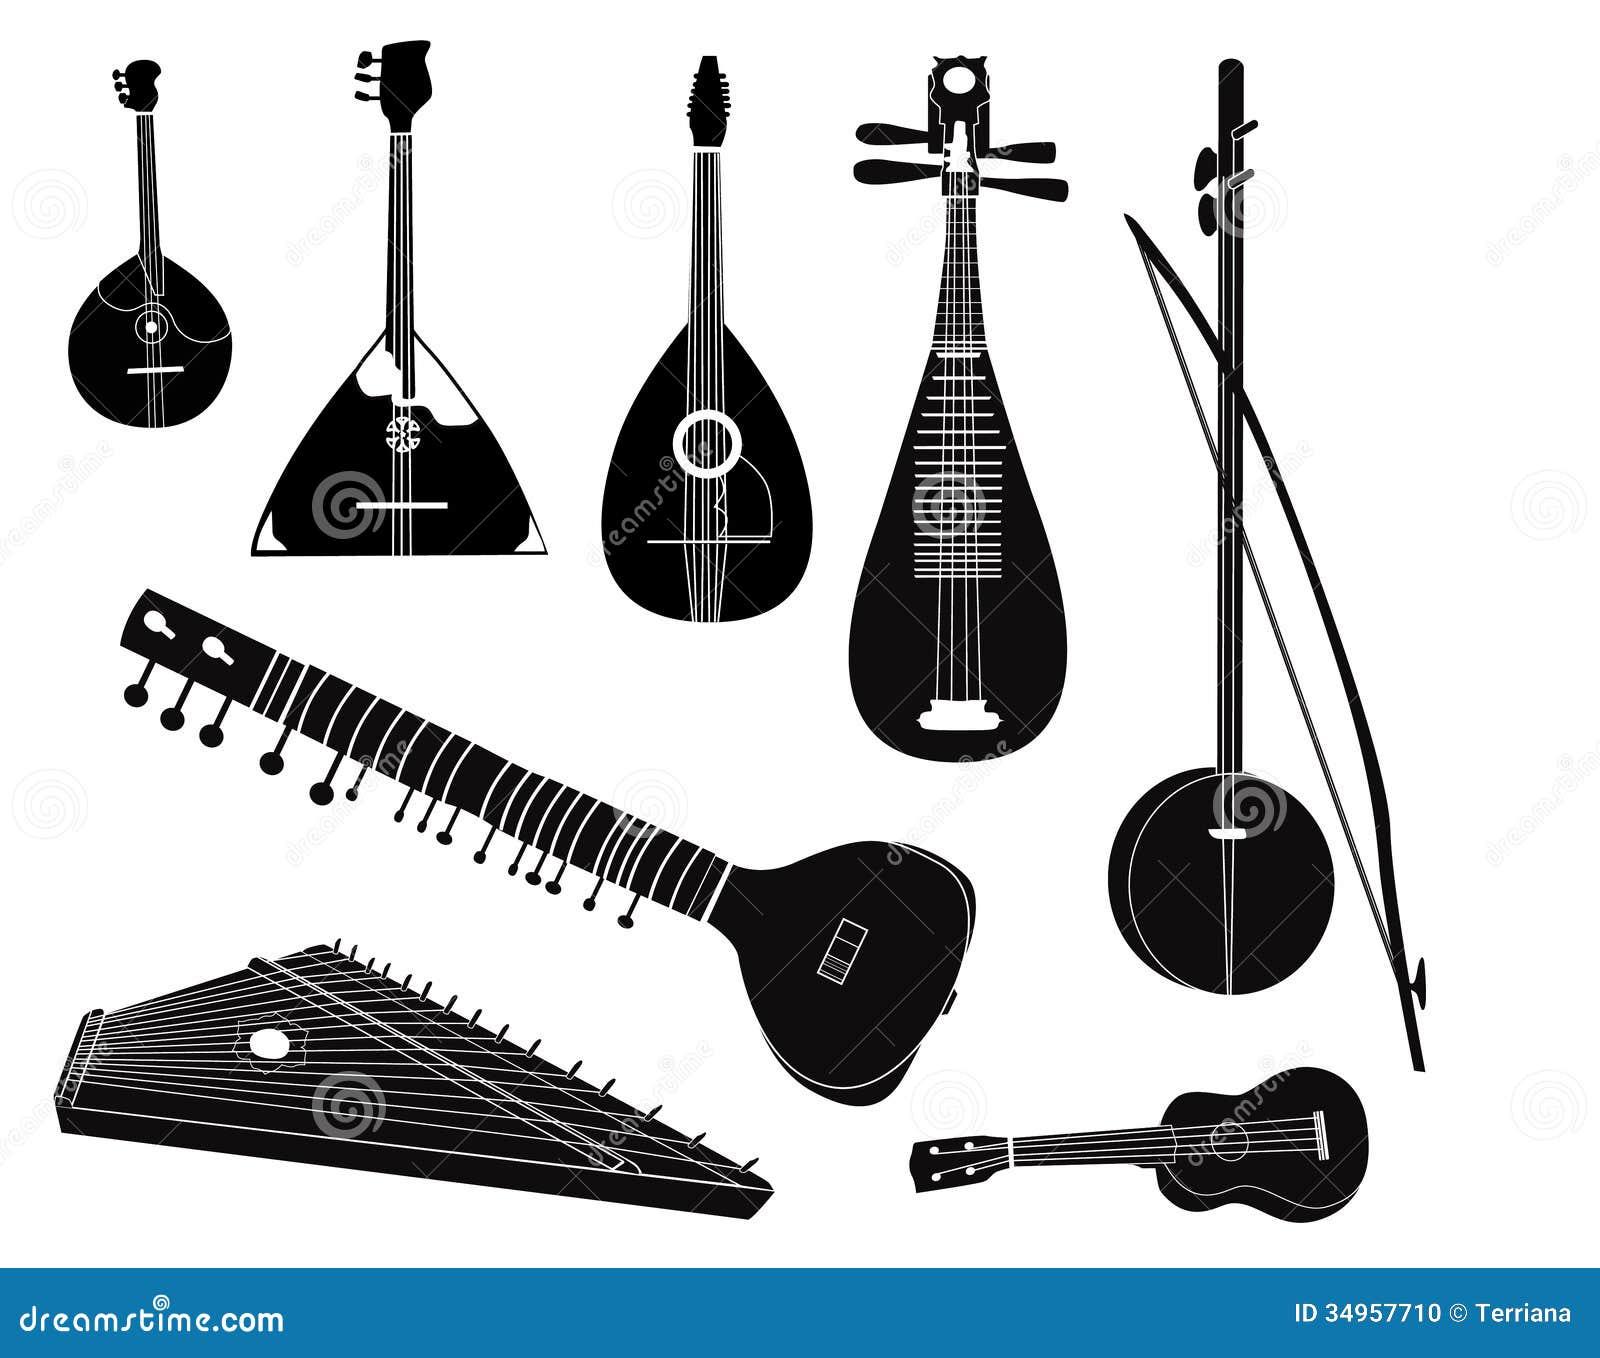 картинки музыкальных инструментов треугольник